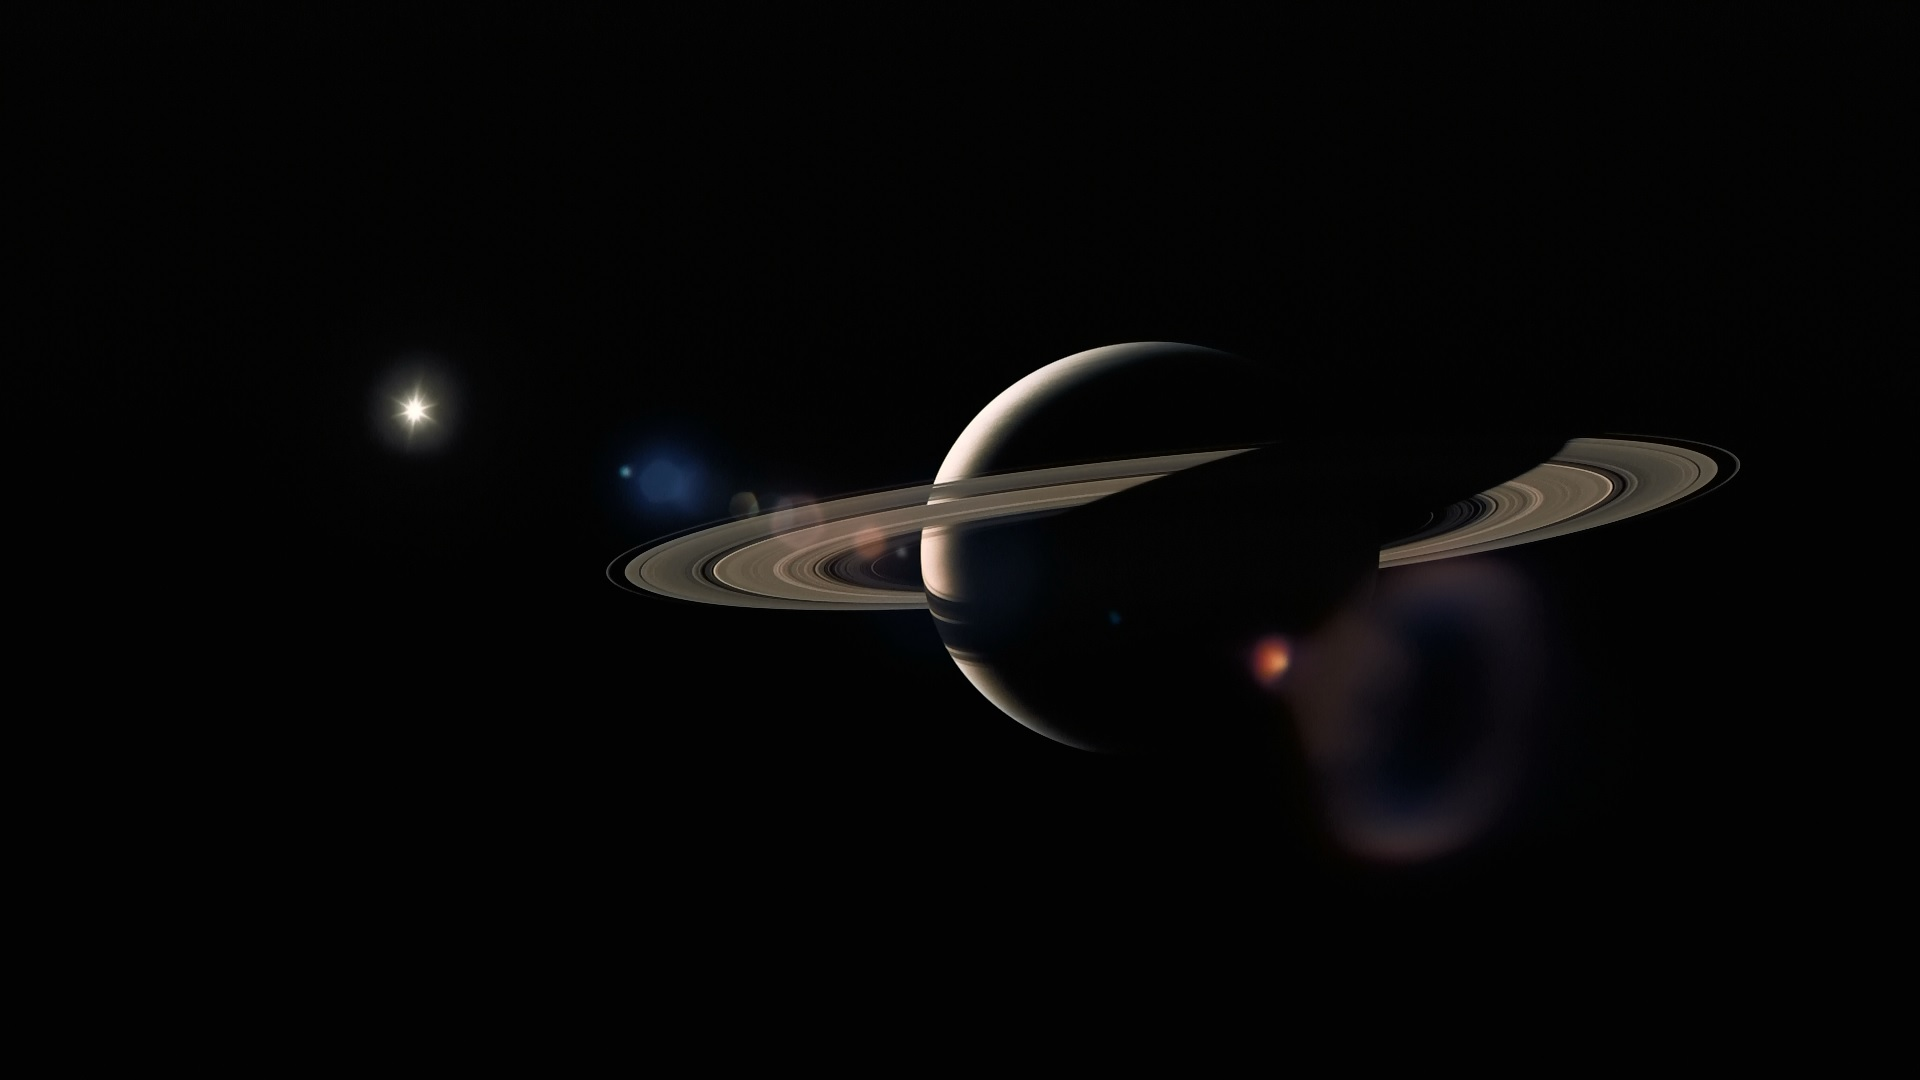 Image Saturn Jpg Interstellar Wiki Fandom Powered By